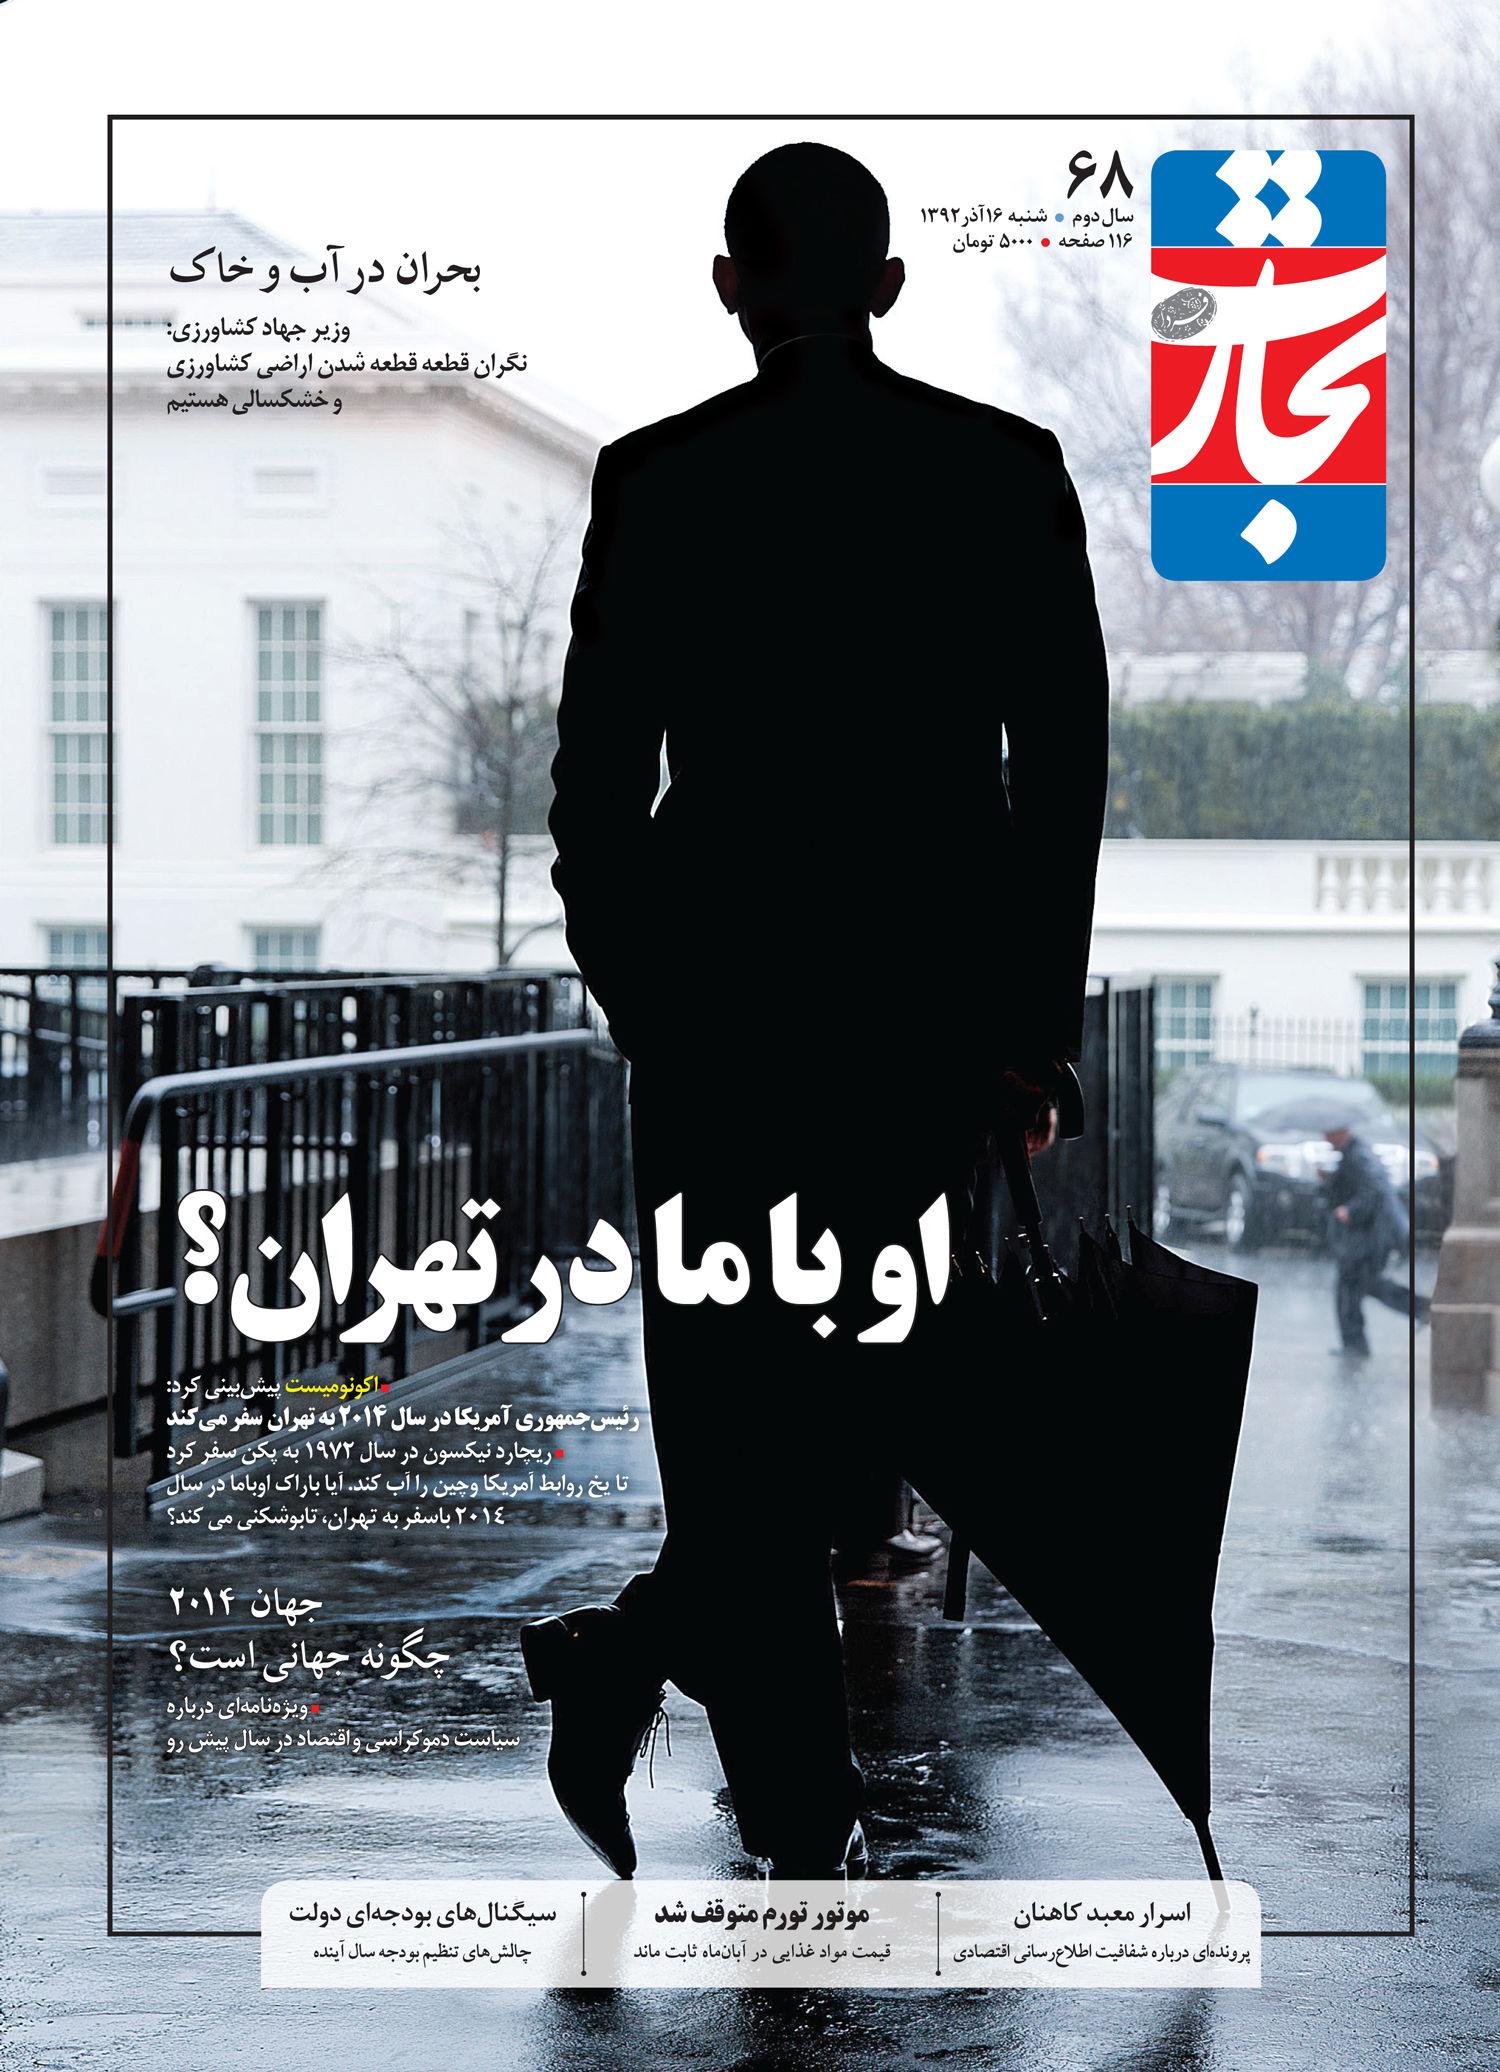 اوباما در تهران؟